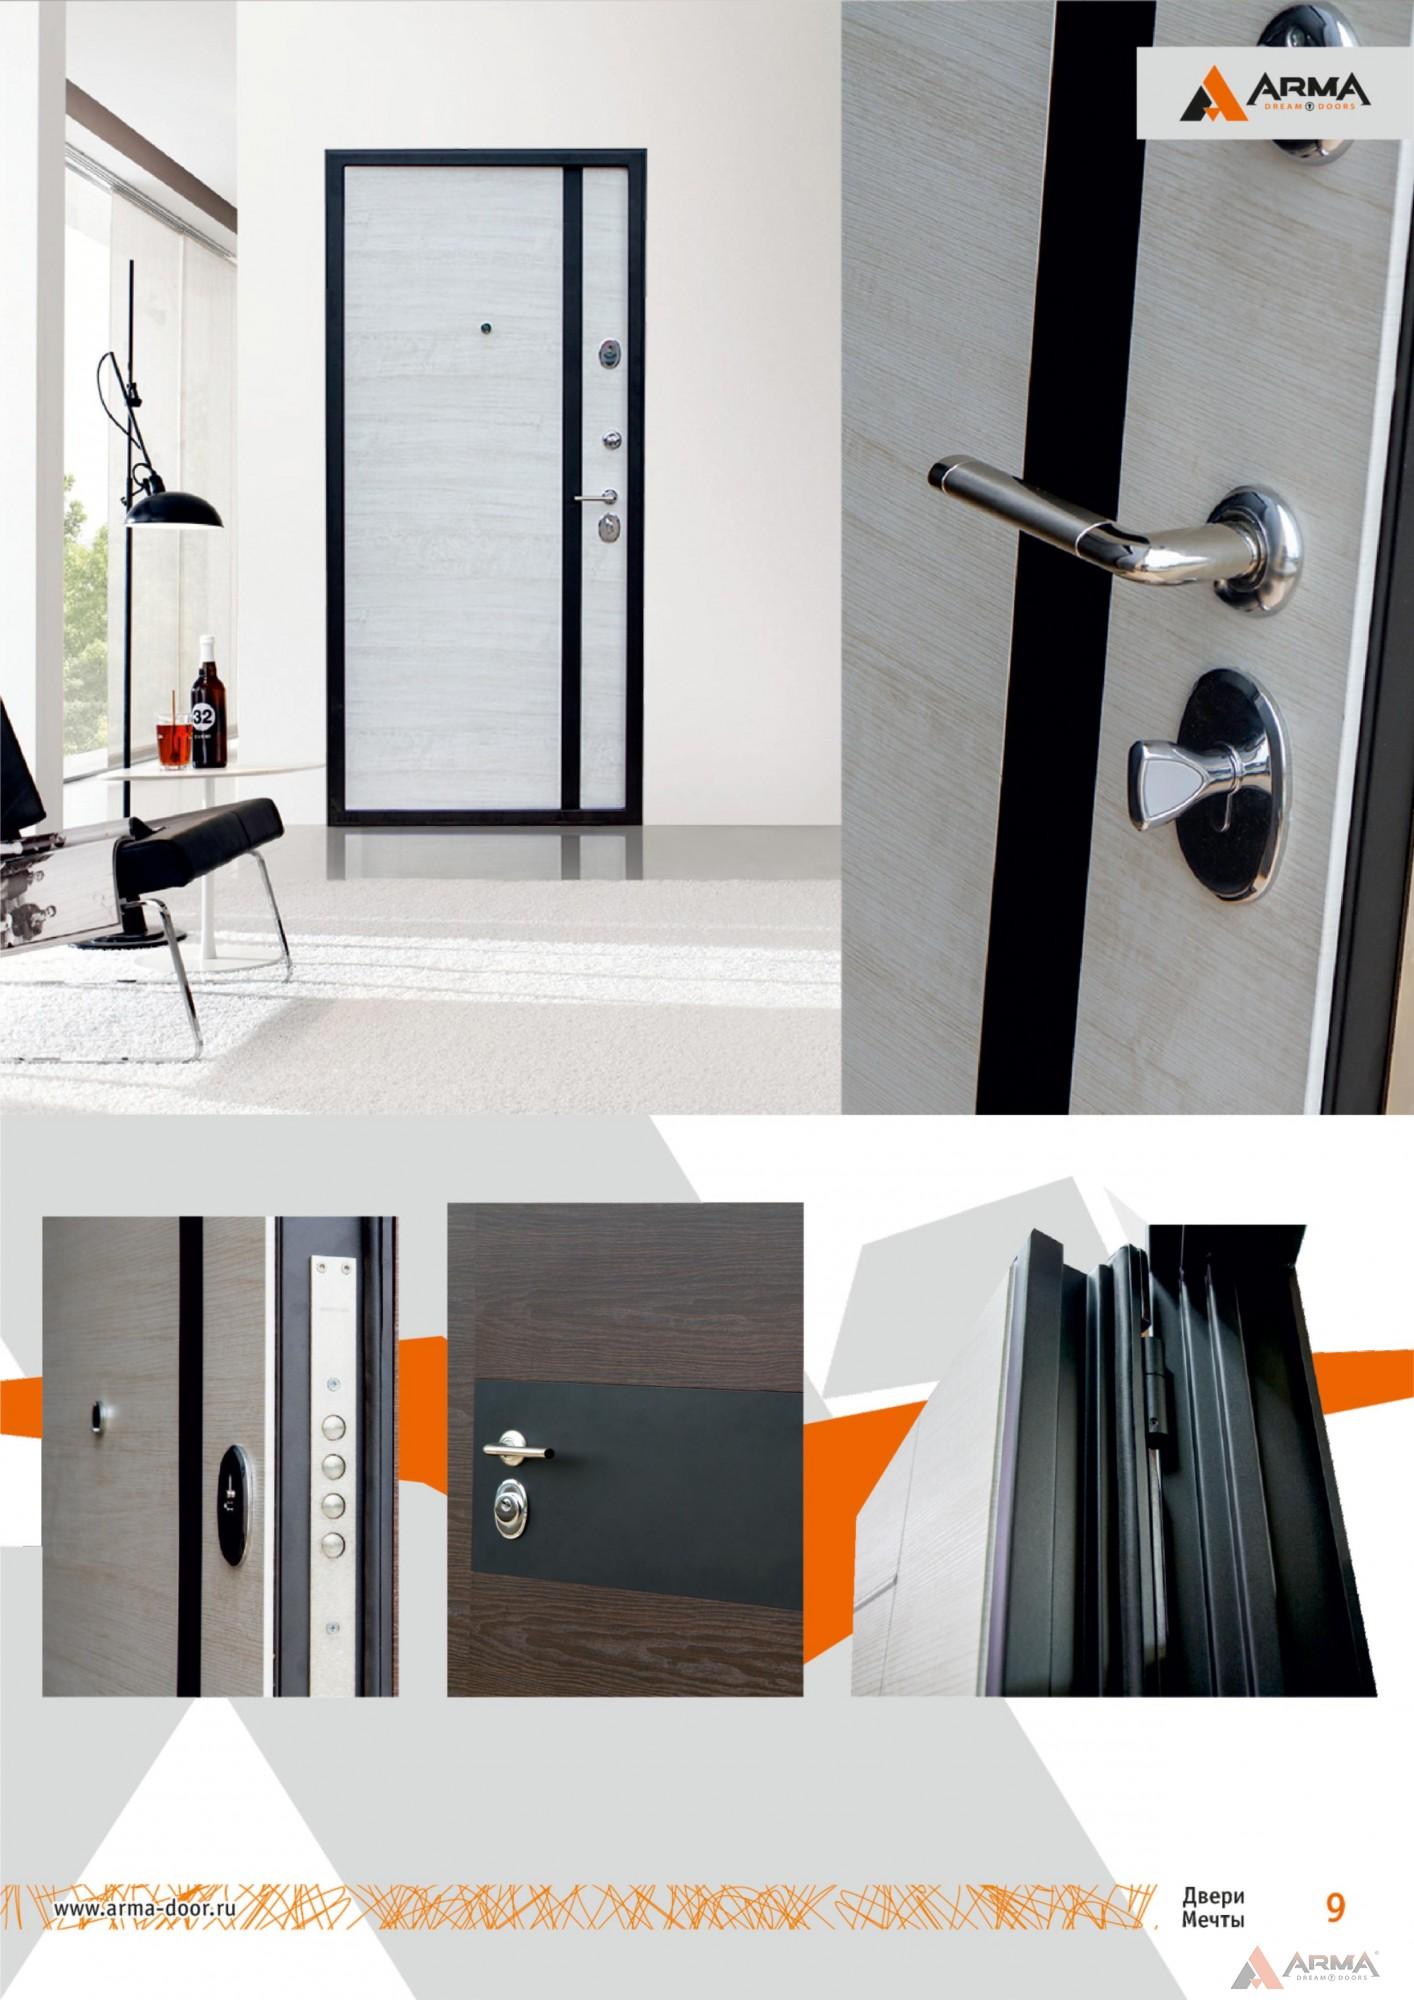 недорого стальная дверь входная со звукоизоляцией москва